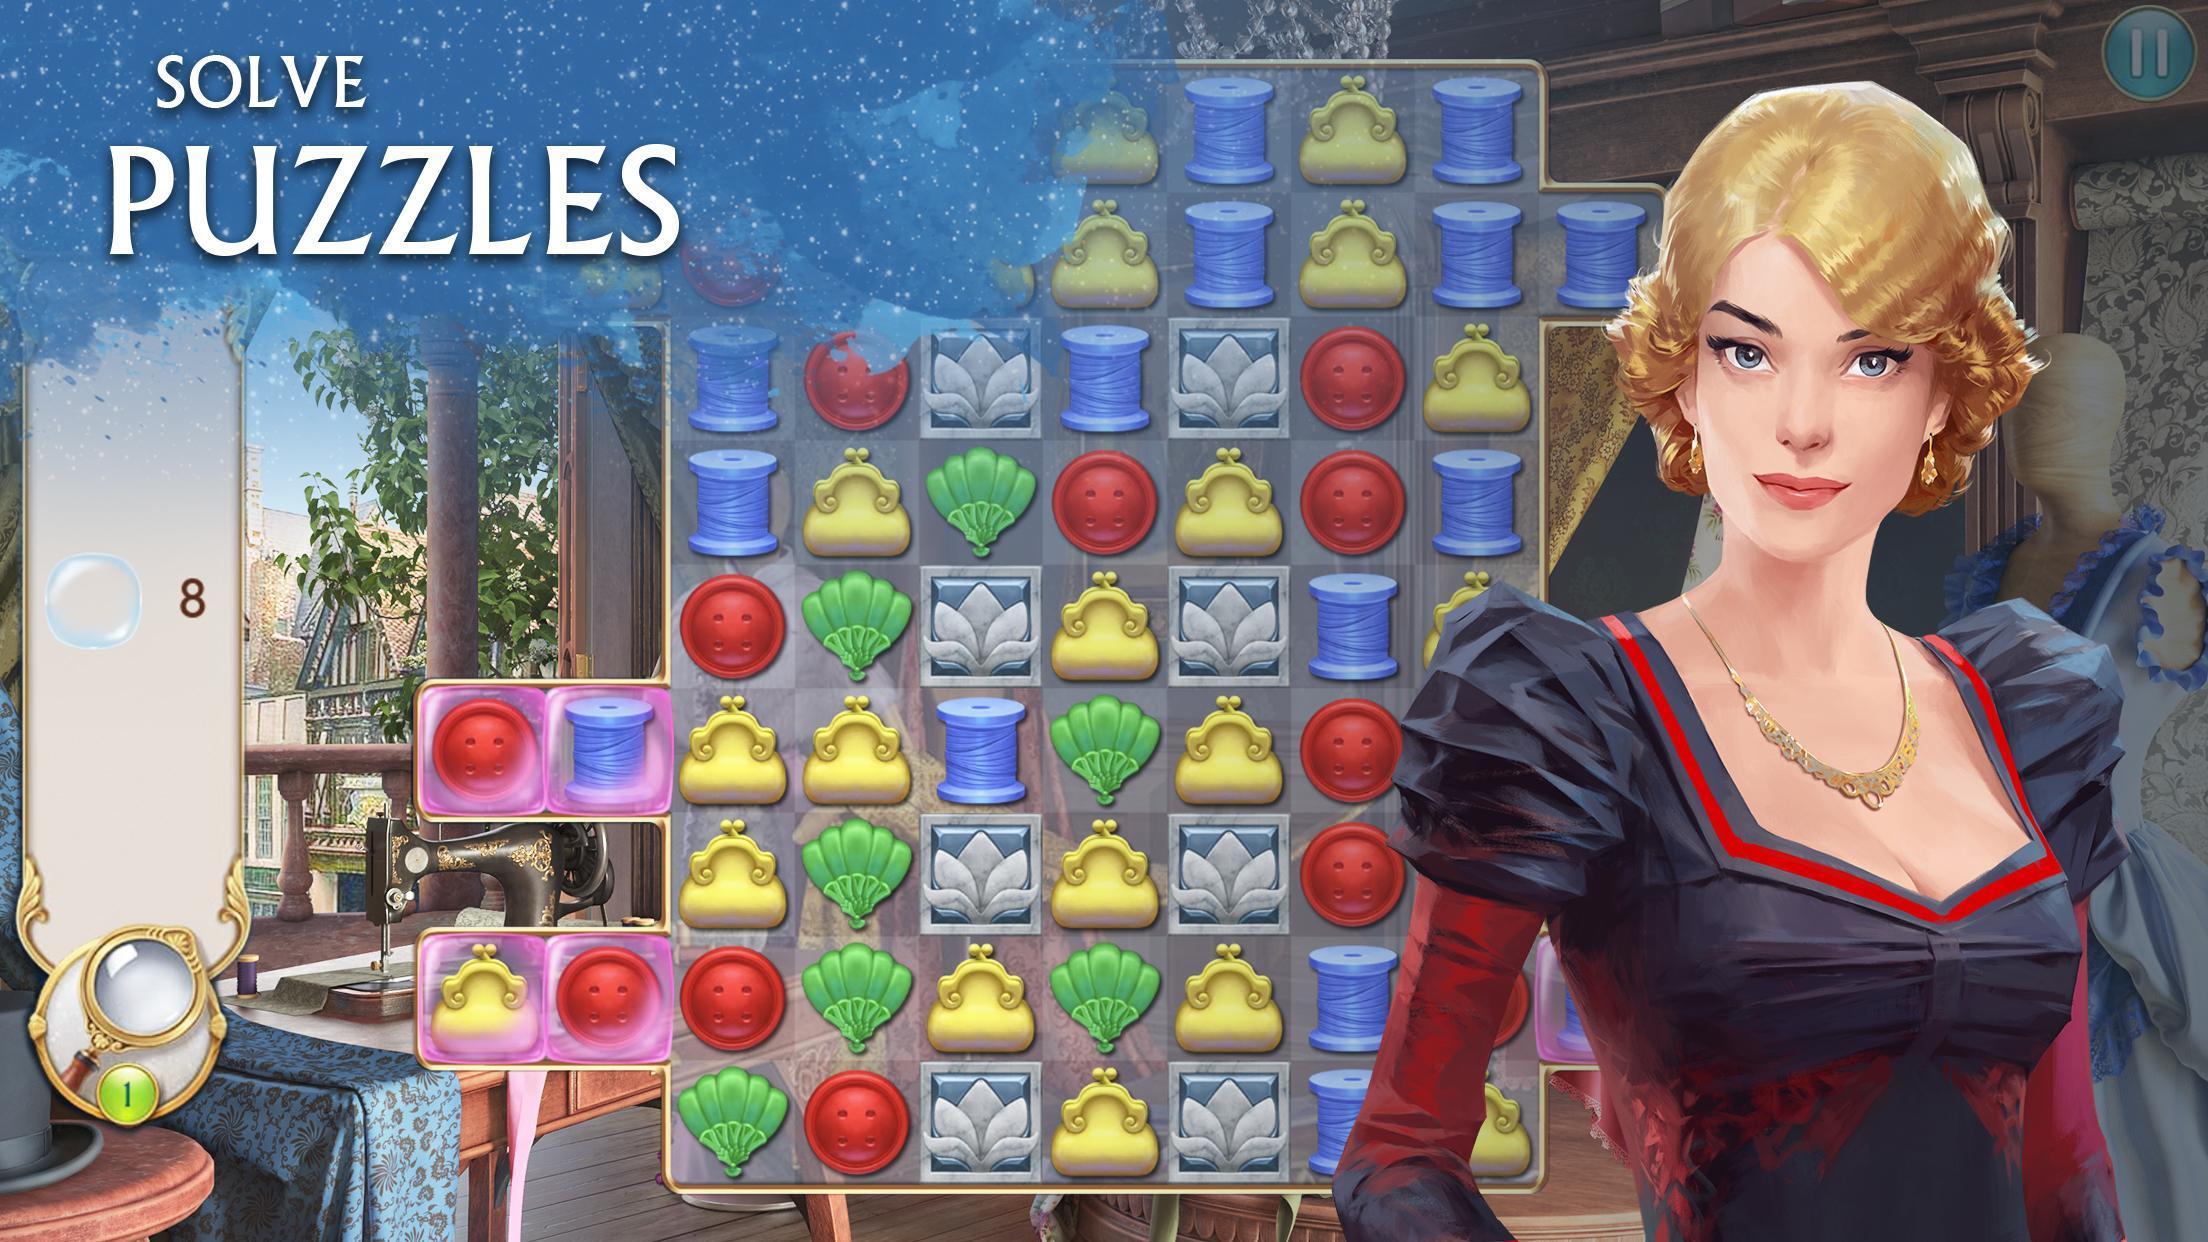 Ravenhill®: Hidden Mystery - Match-3 with a Story 2.21.1 Screenshot 2